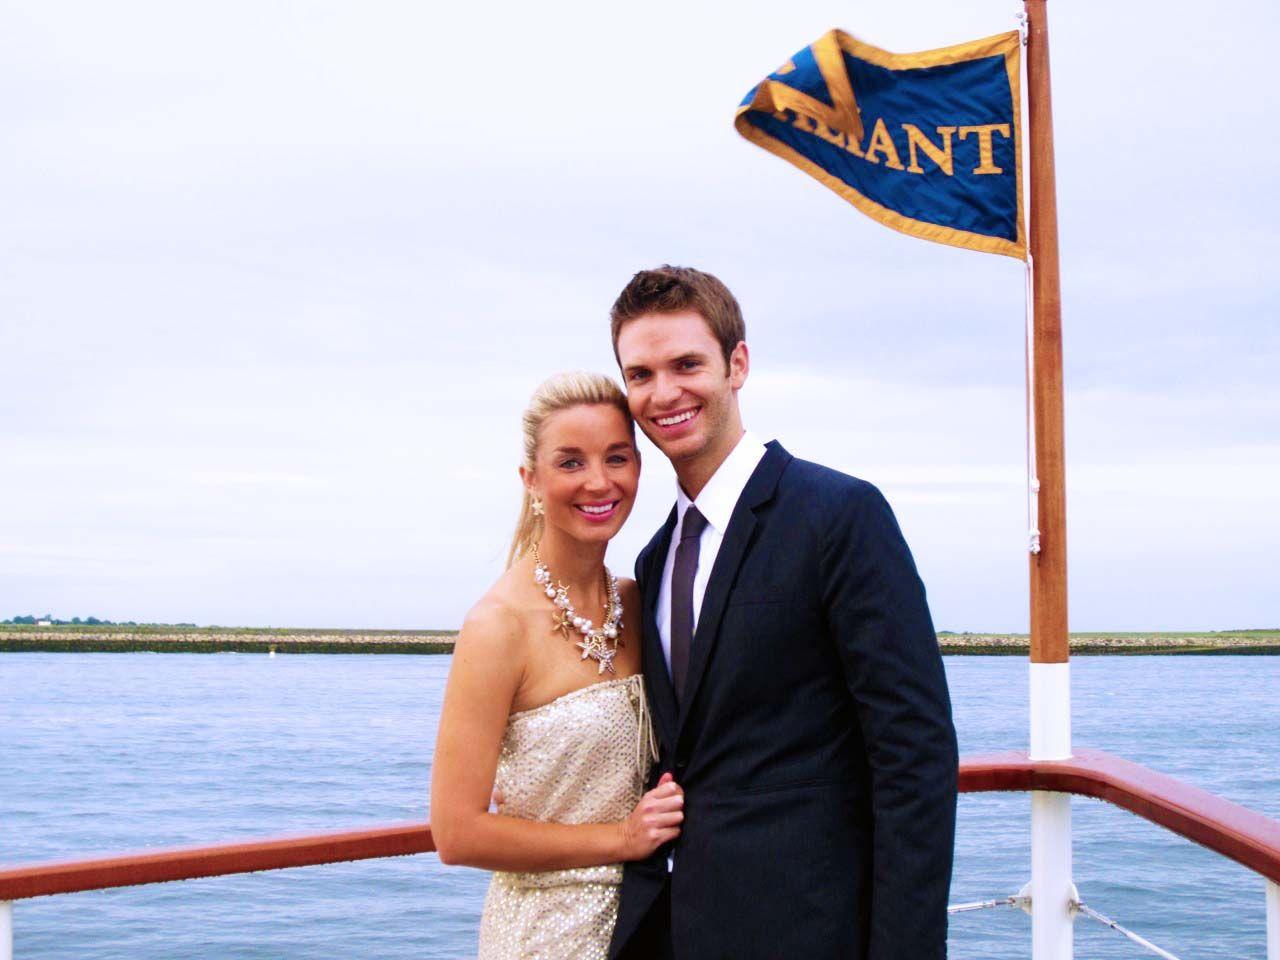 Engagement celebration aboard Valiant